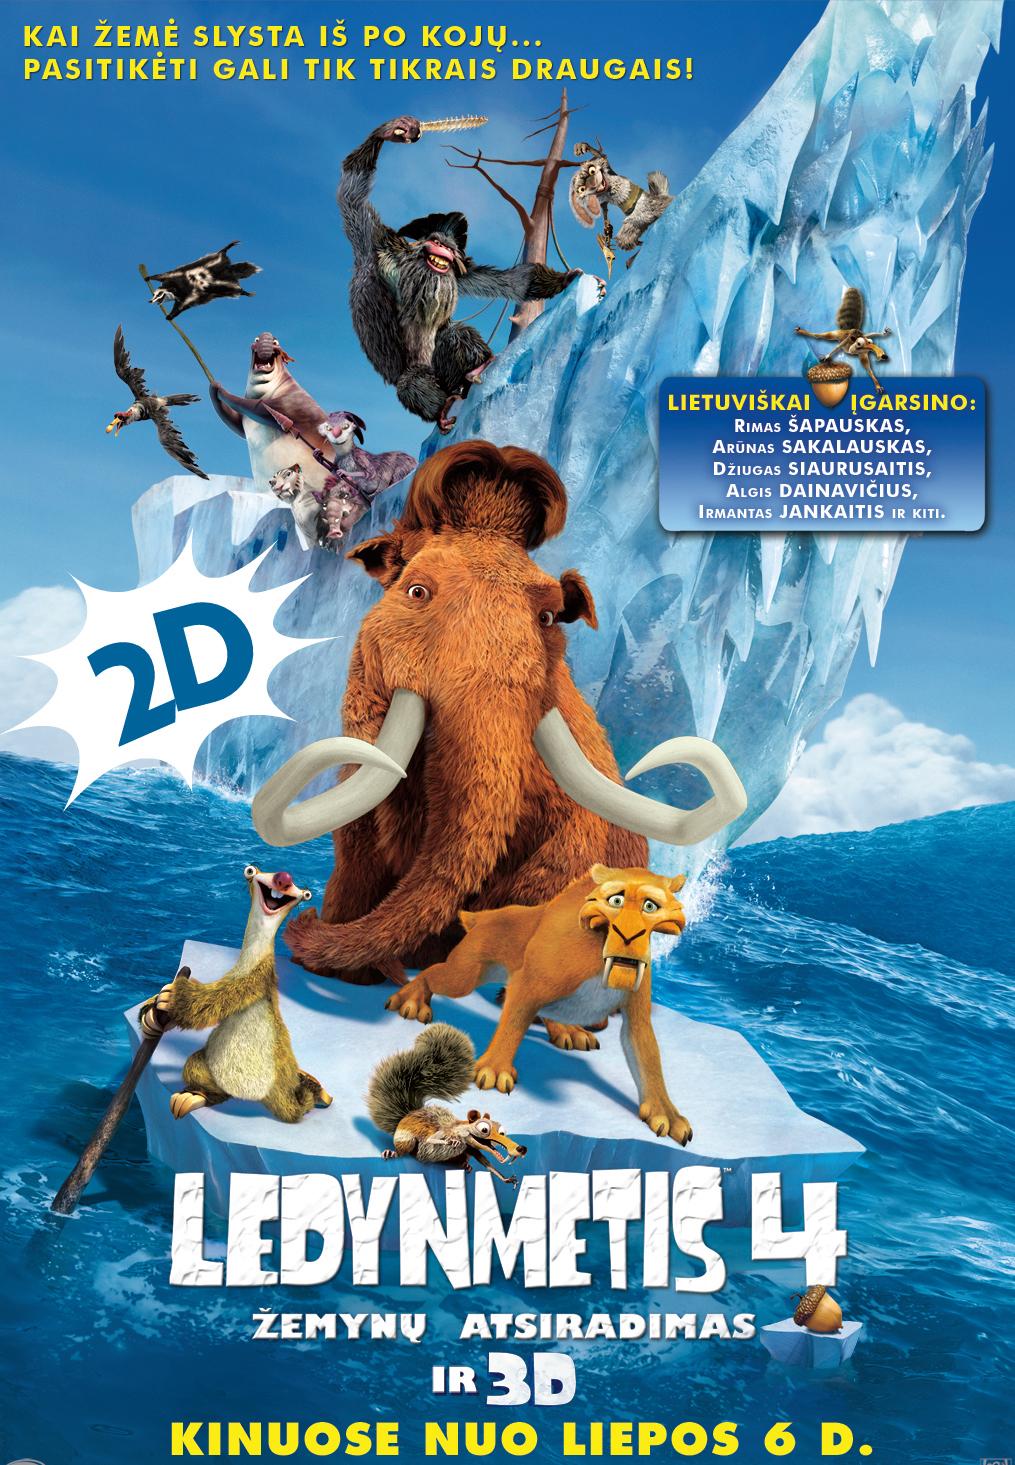 Ledynmetis 4: žemynų atsiradimas 2D